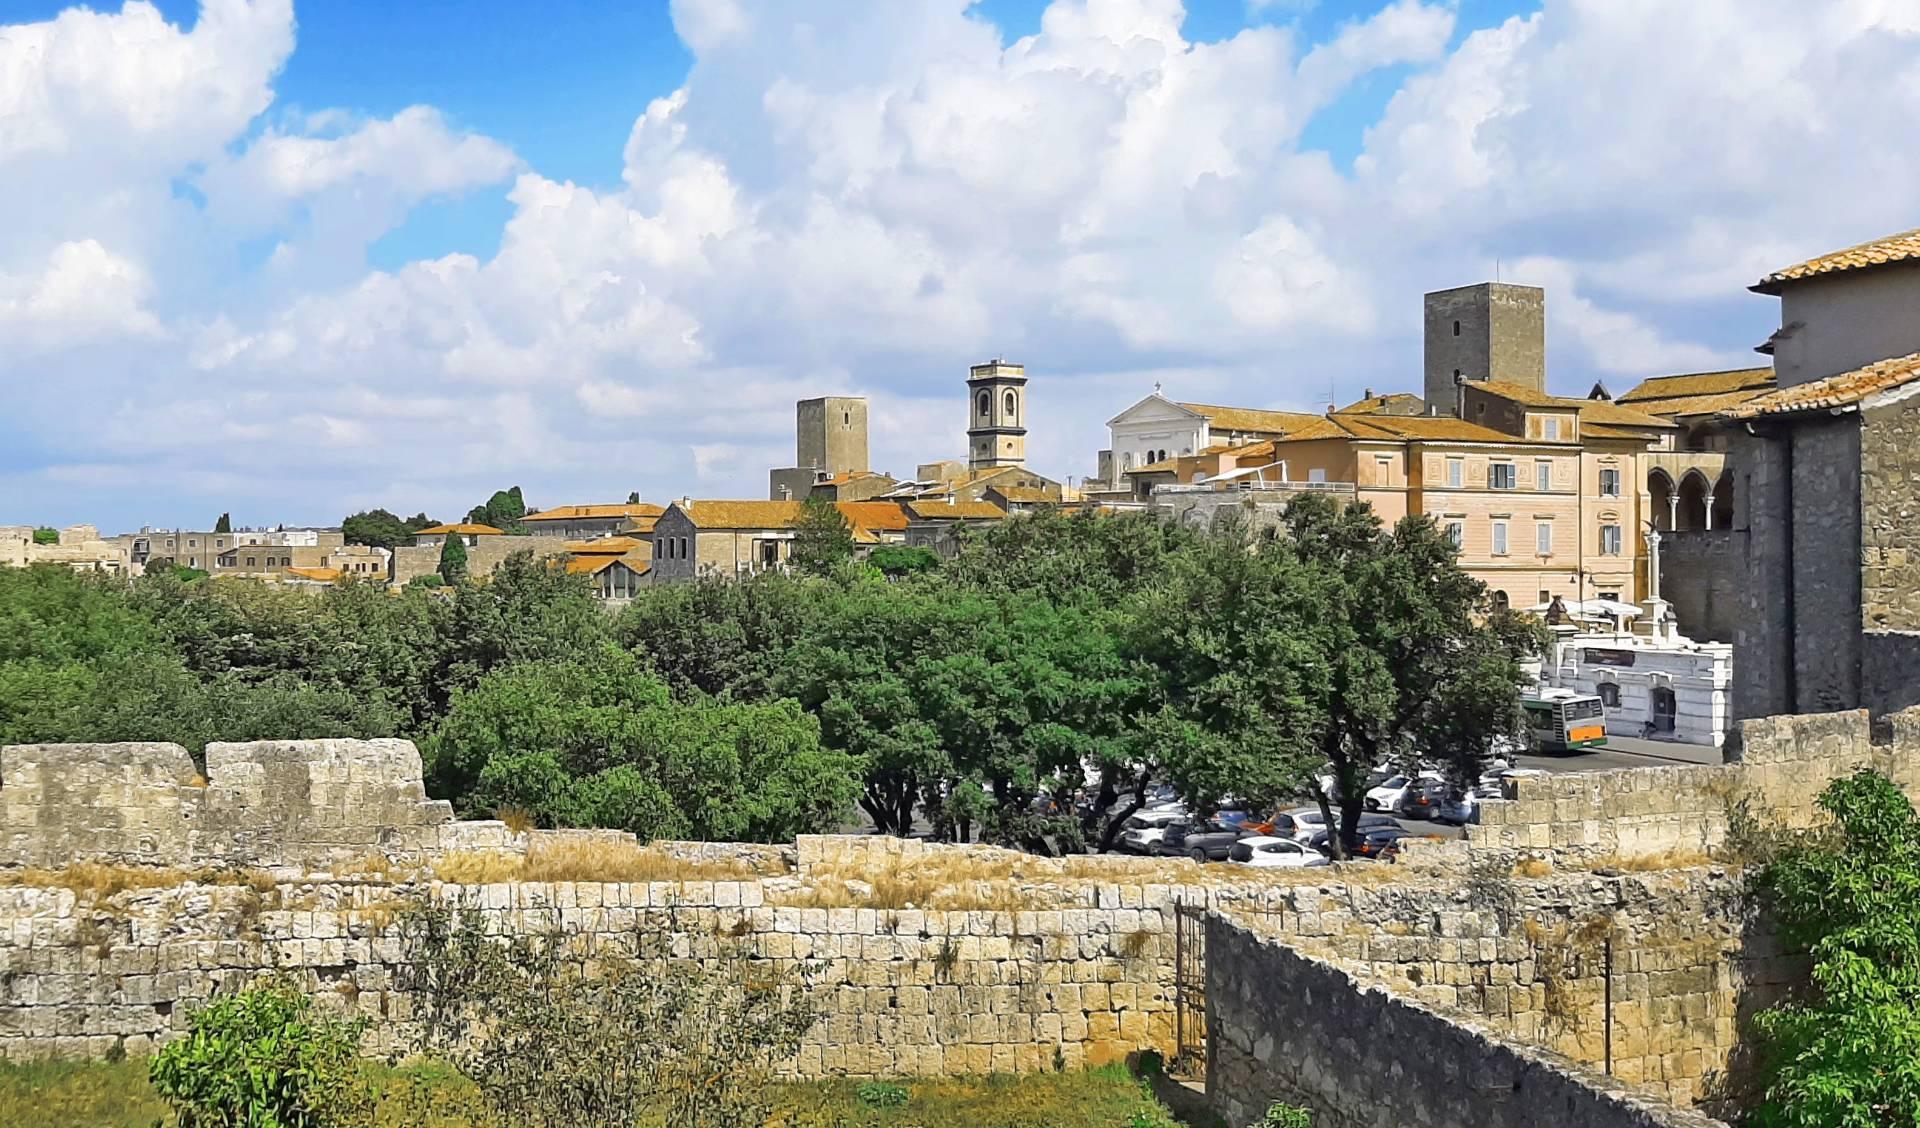 Appartamento in vendita a Tarquinia, 5 locali, zona Località: CentroStorico, prezzo € 170.000   PortaleAgenzieImmobiliari.it